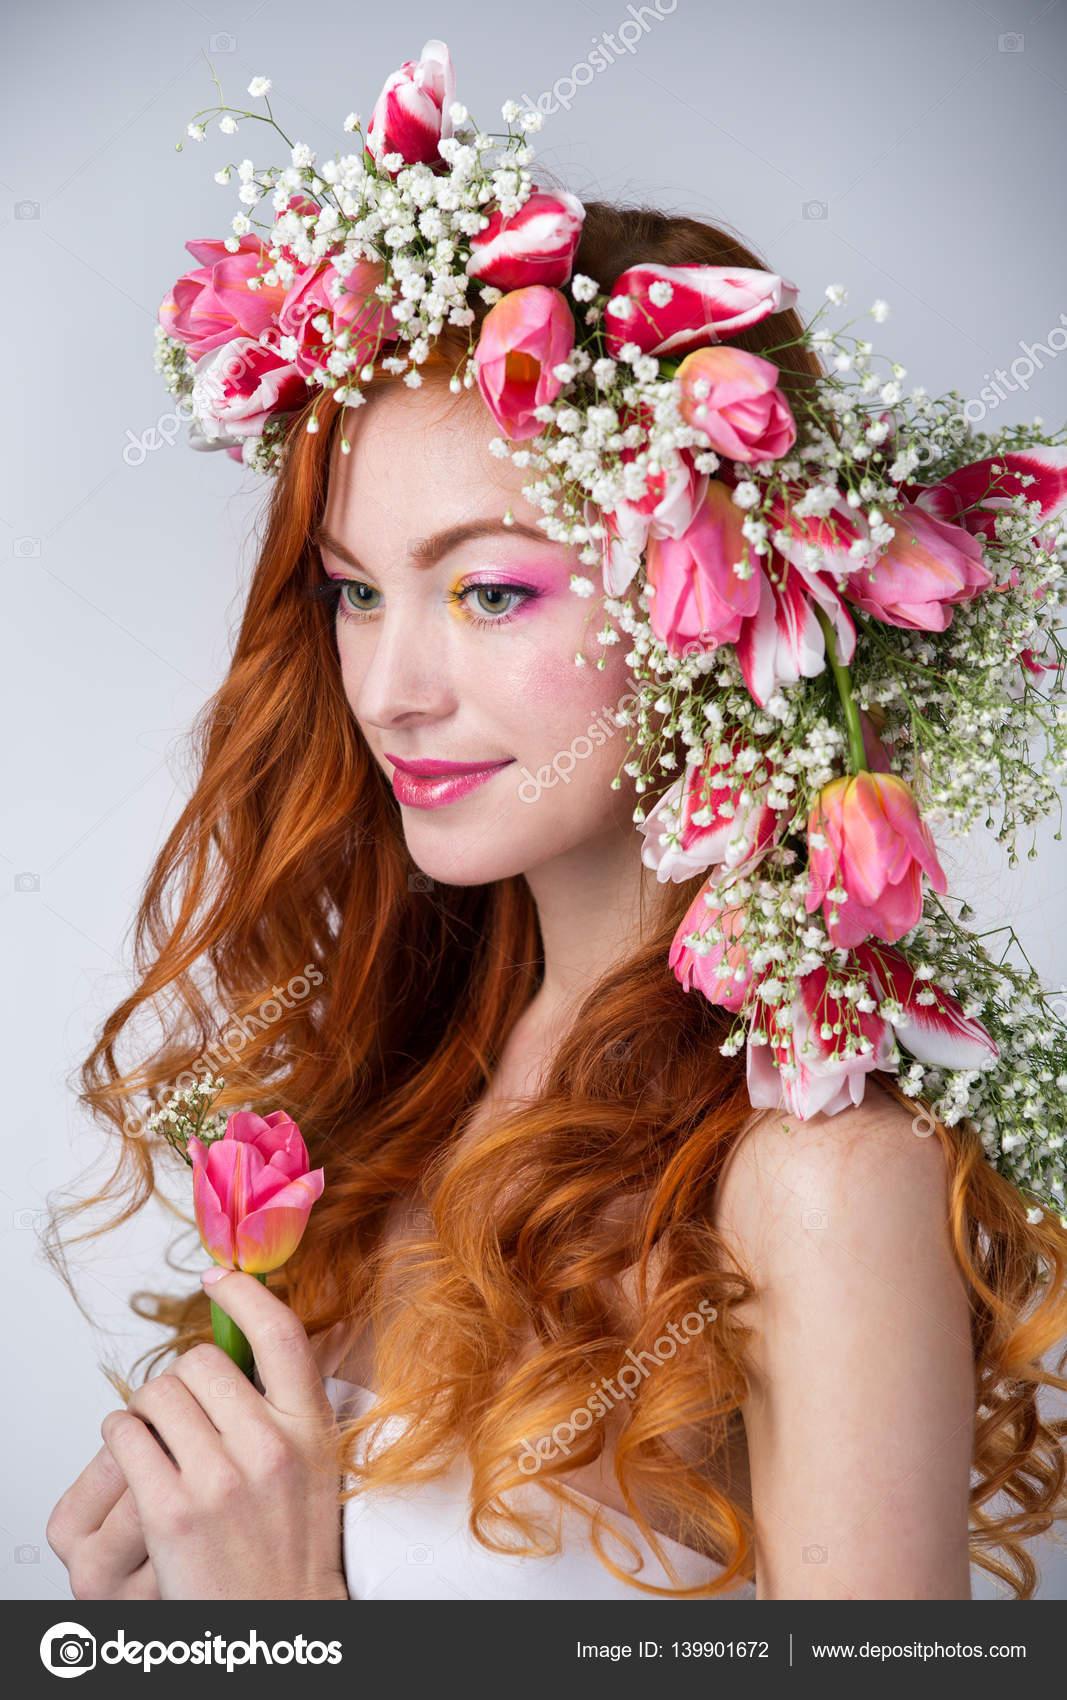 Femme aux cheveux rouges portant une couronne de fleurs de tulipes\u2013 images  de stock libres de droits